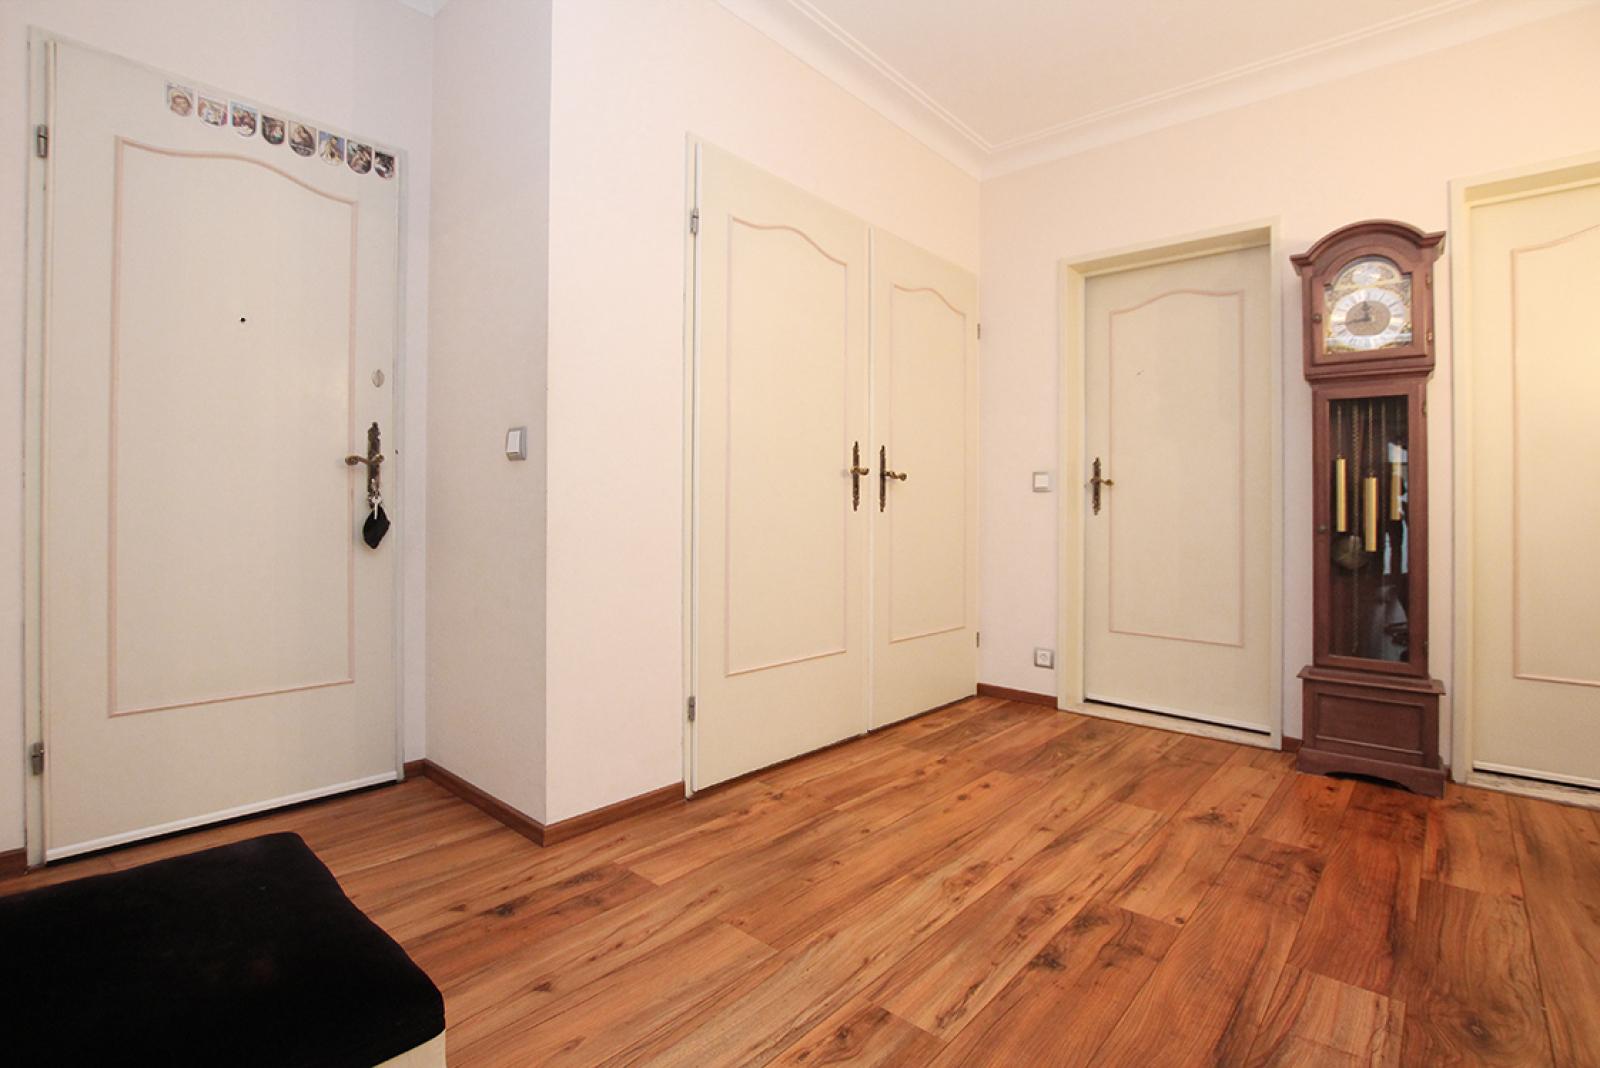 Prachtig en uiterst verzorgd appartement op de eerste verdieping afbeelding 2